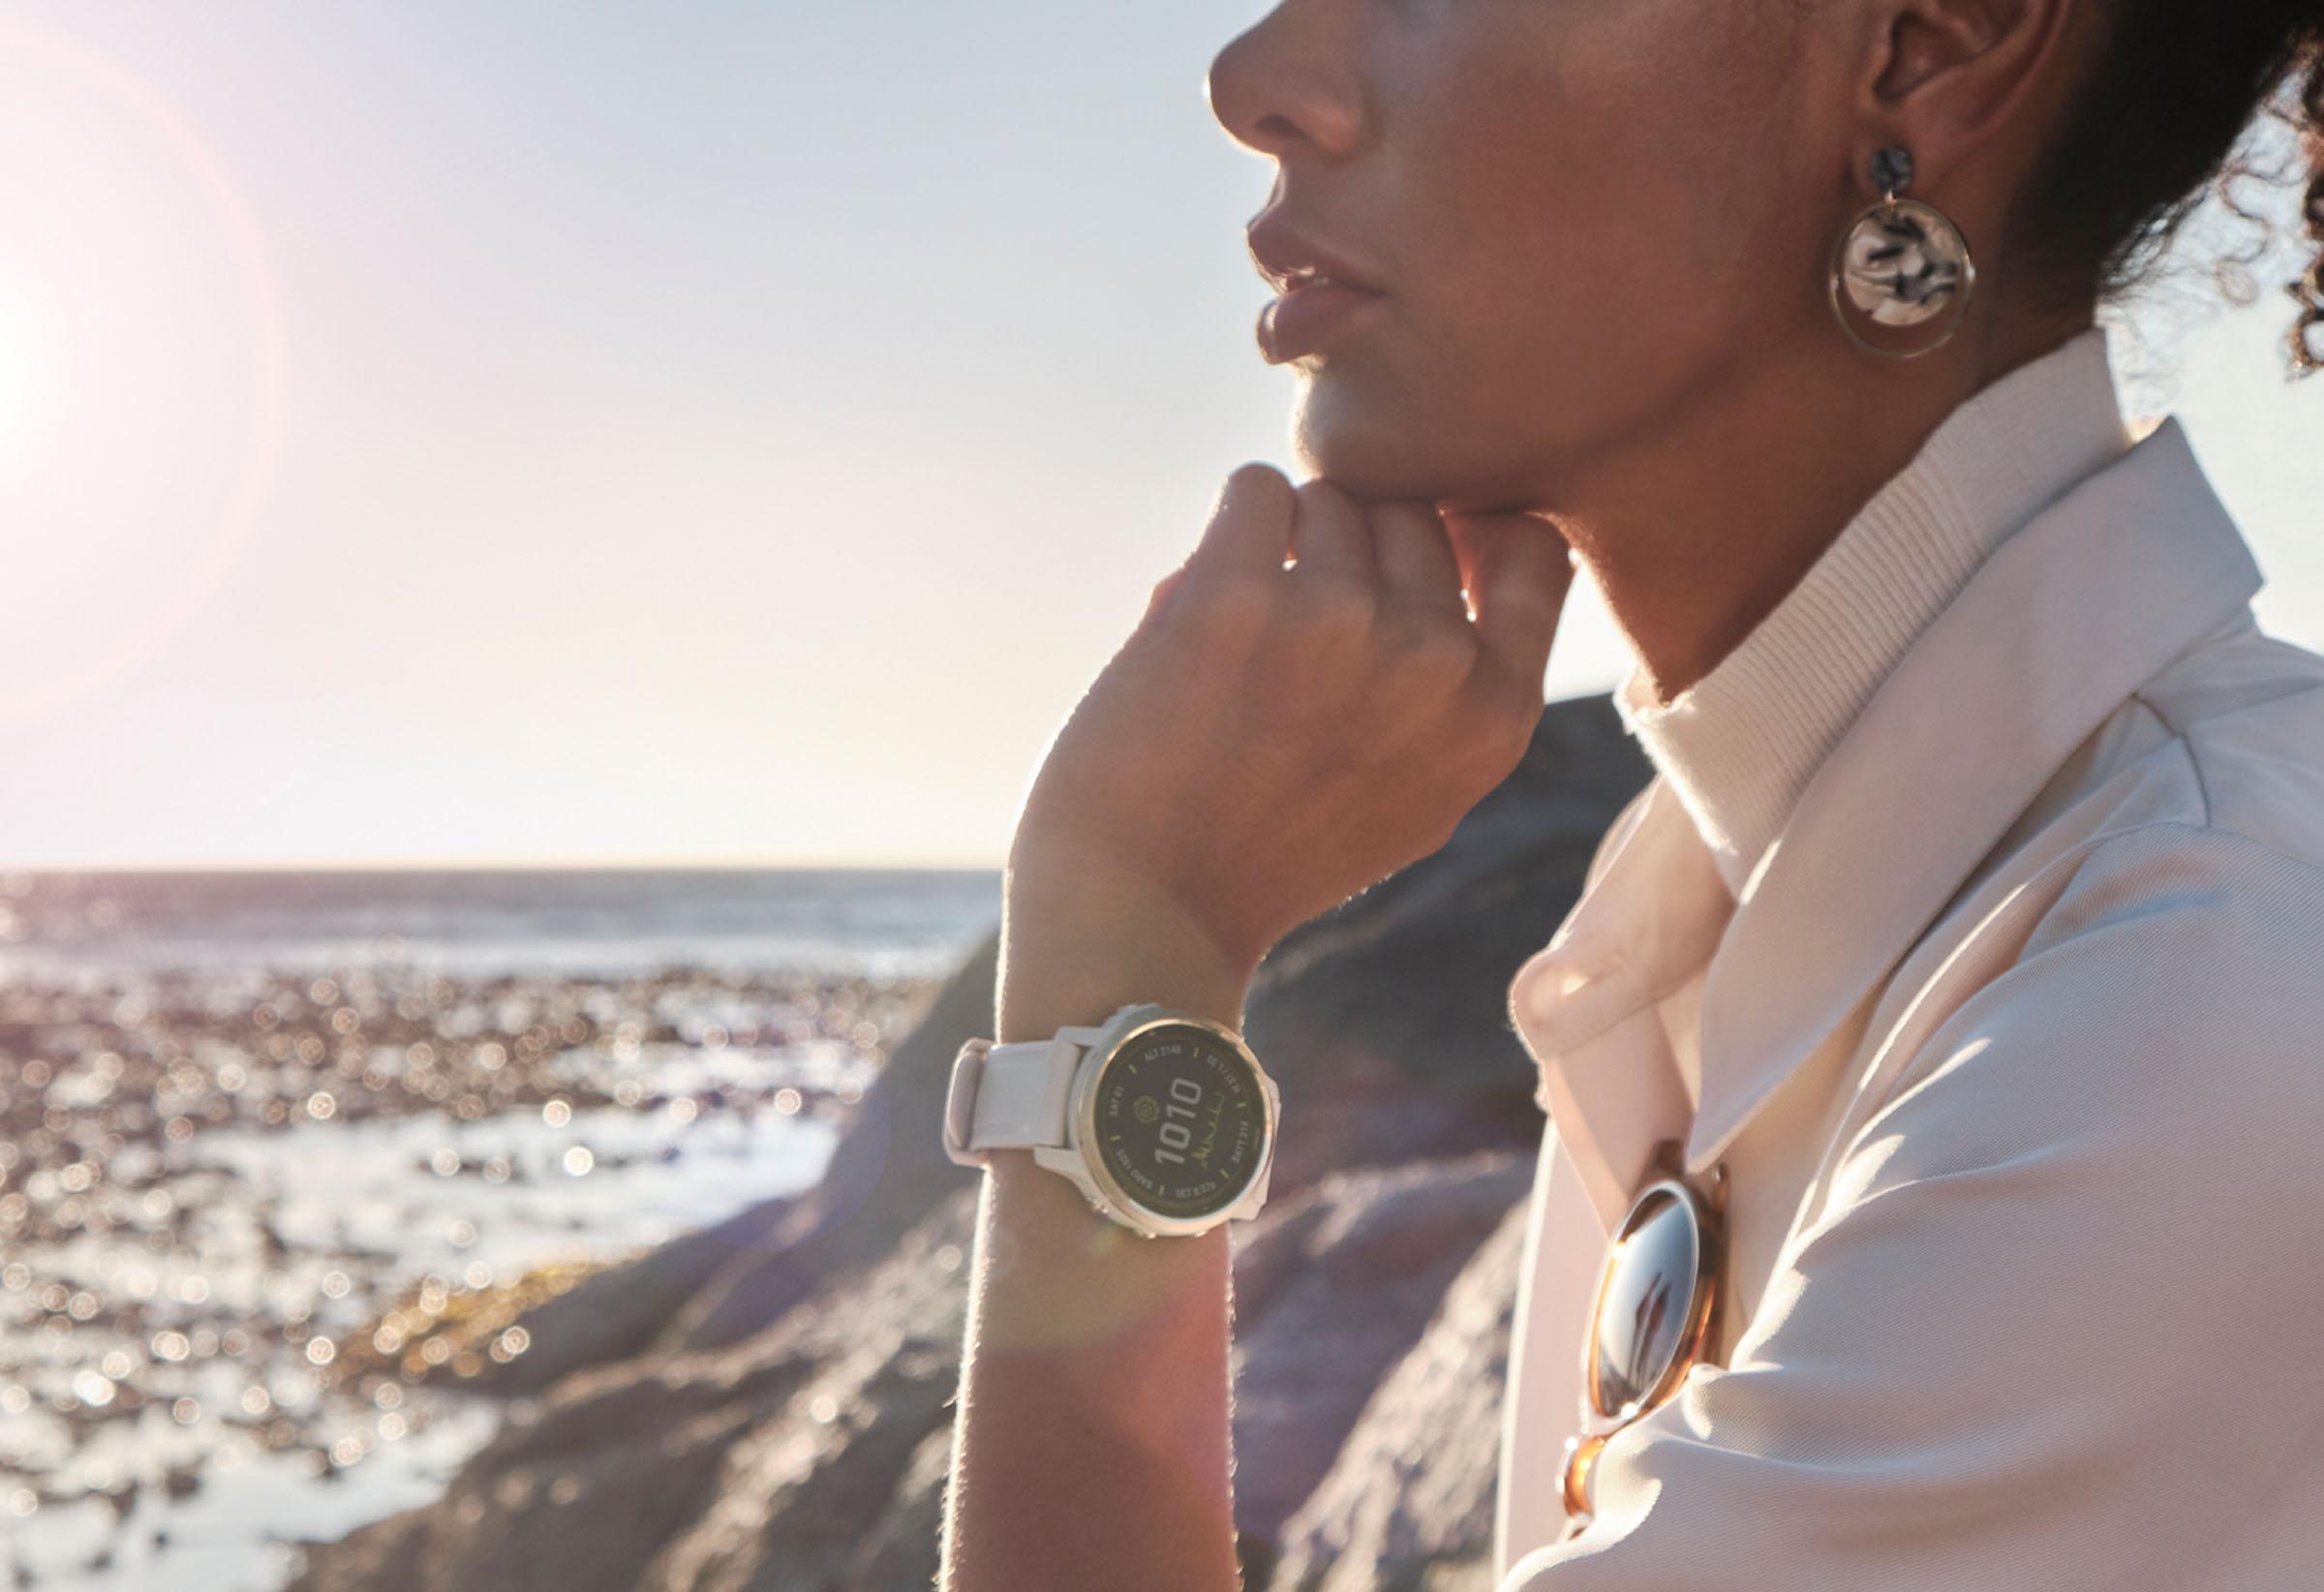 Stresslevel mit einer Garmin-Smartwatch im Auge behalten.